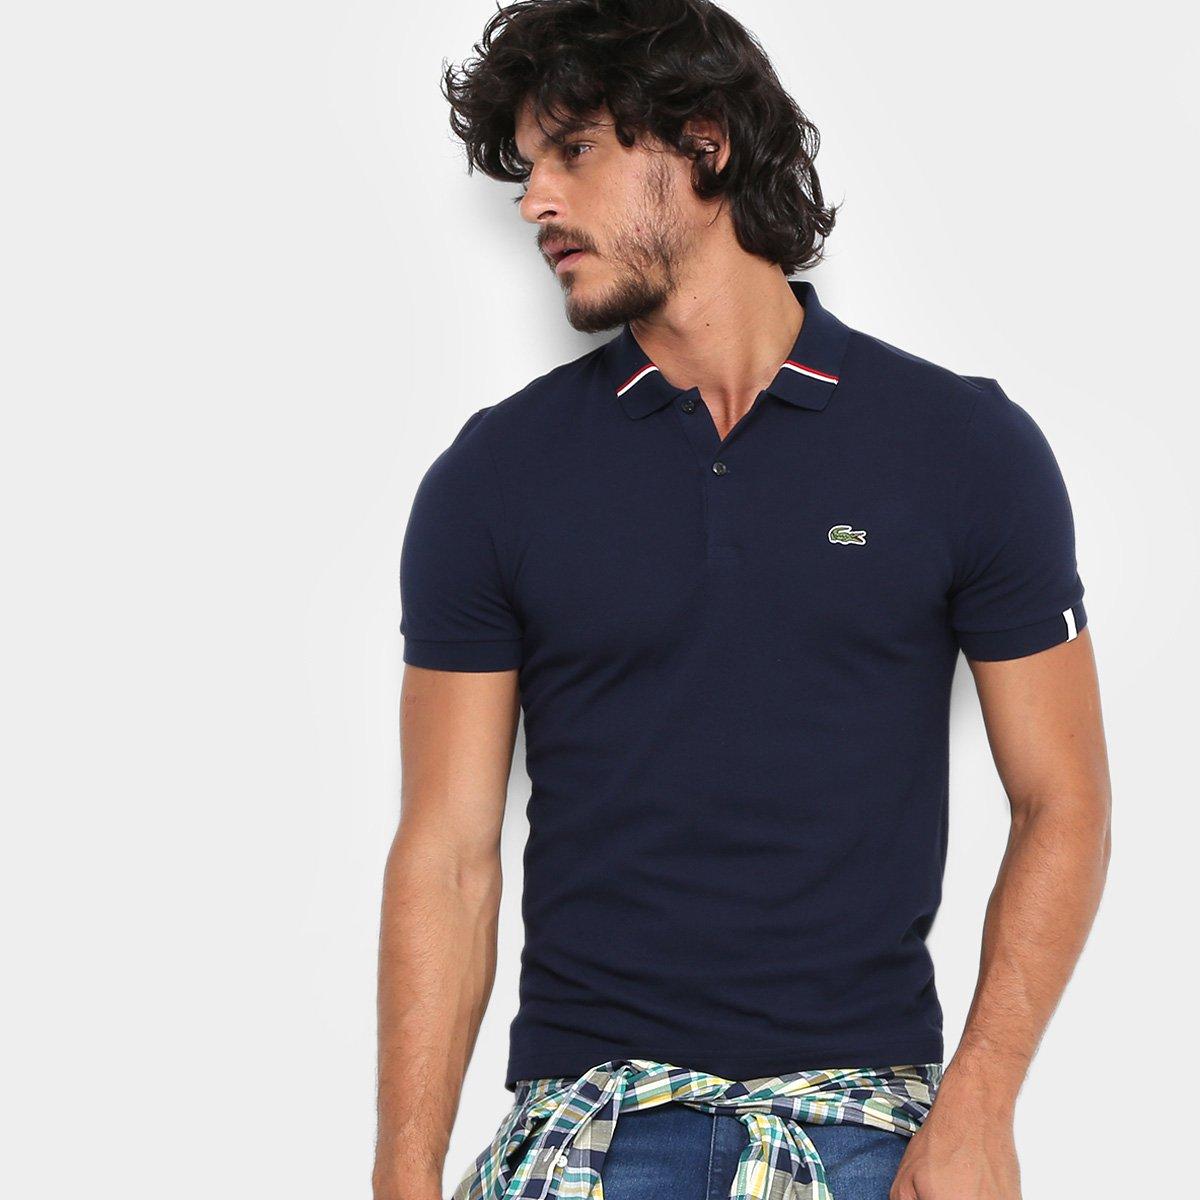 385436bc35b81 Camisa Polo Lacoste Live Piquet Frisos Gola Masculina - Compre Agora ...